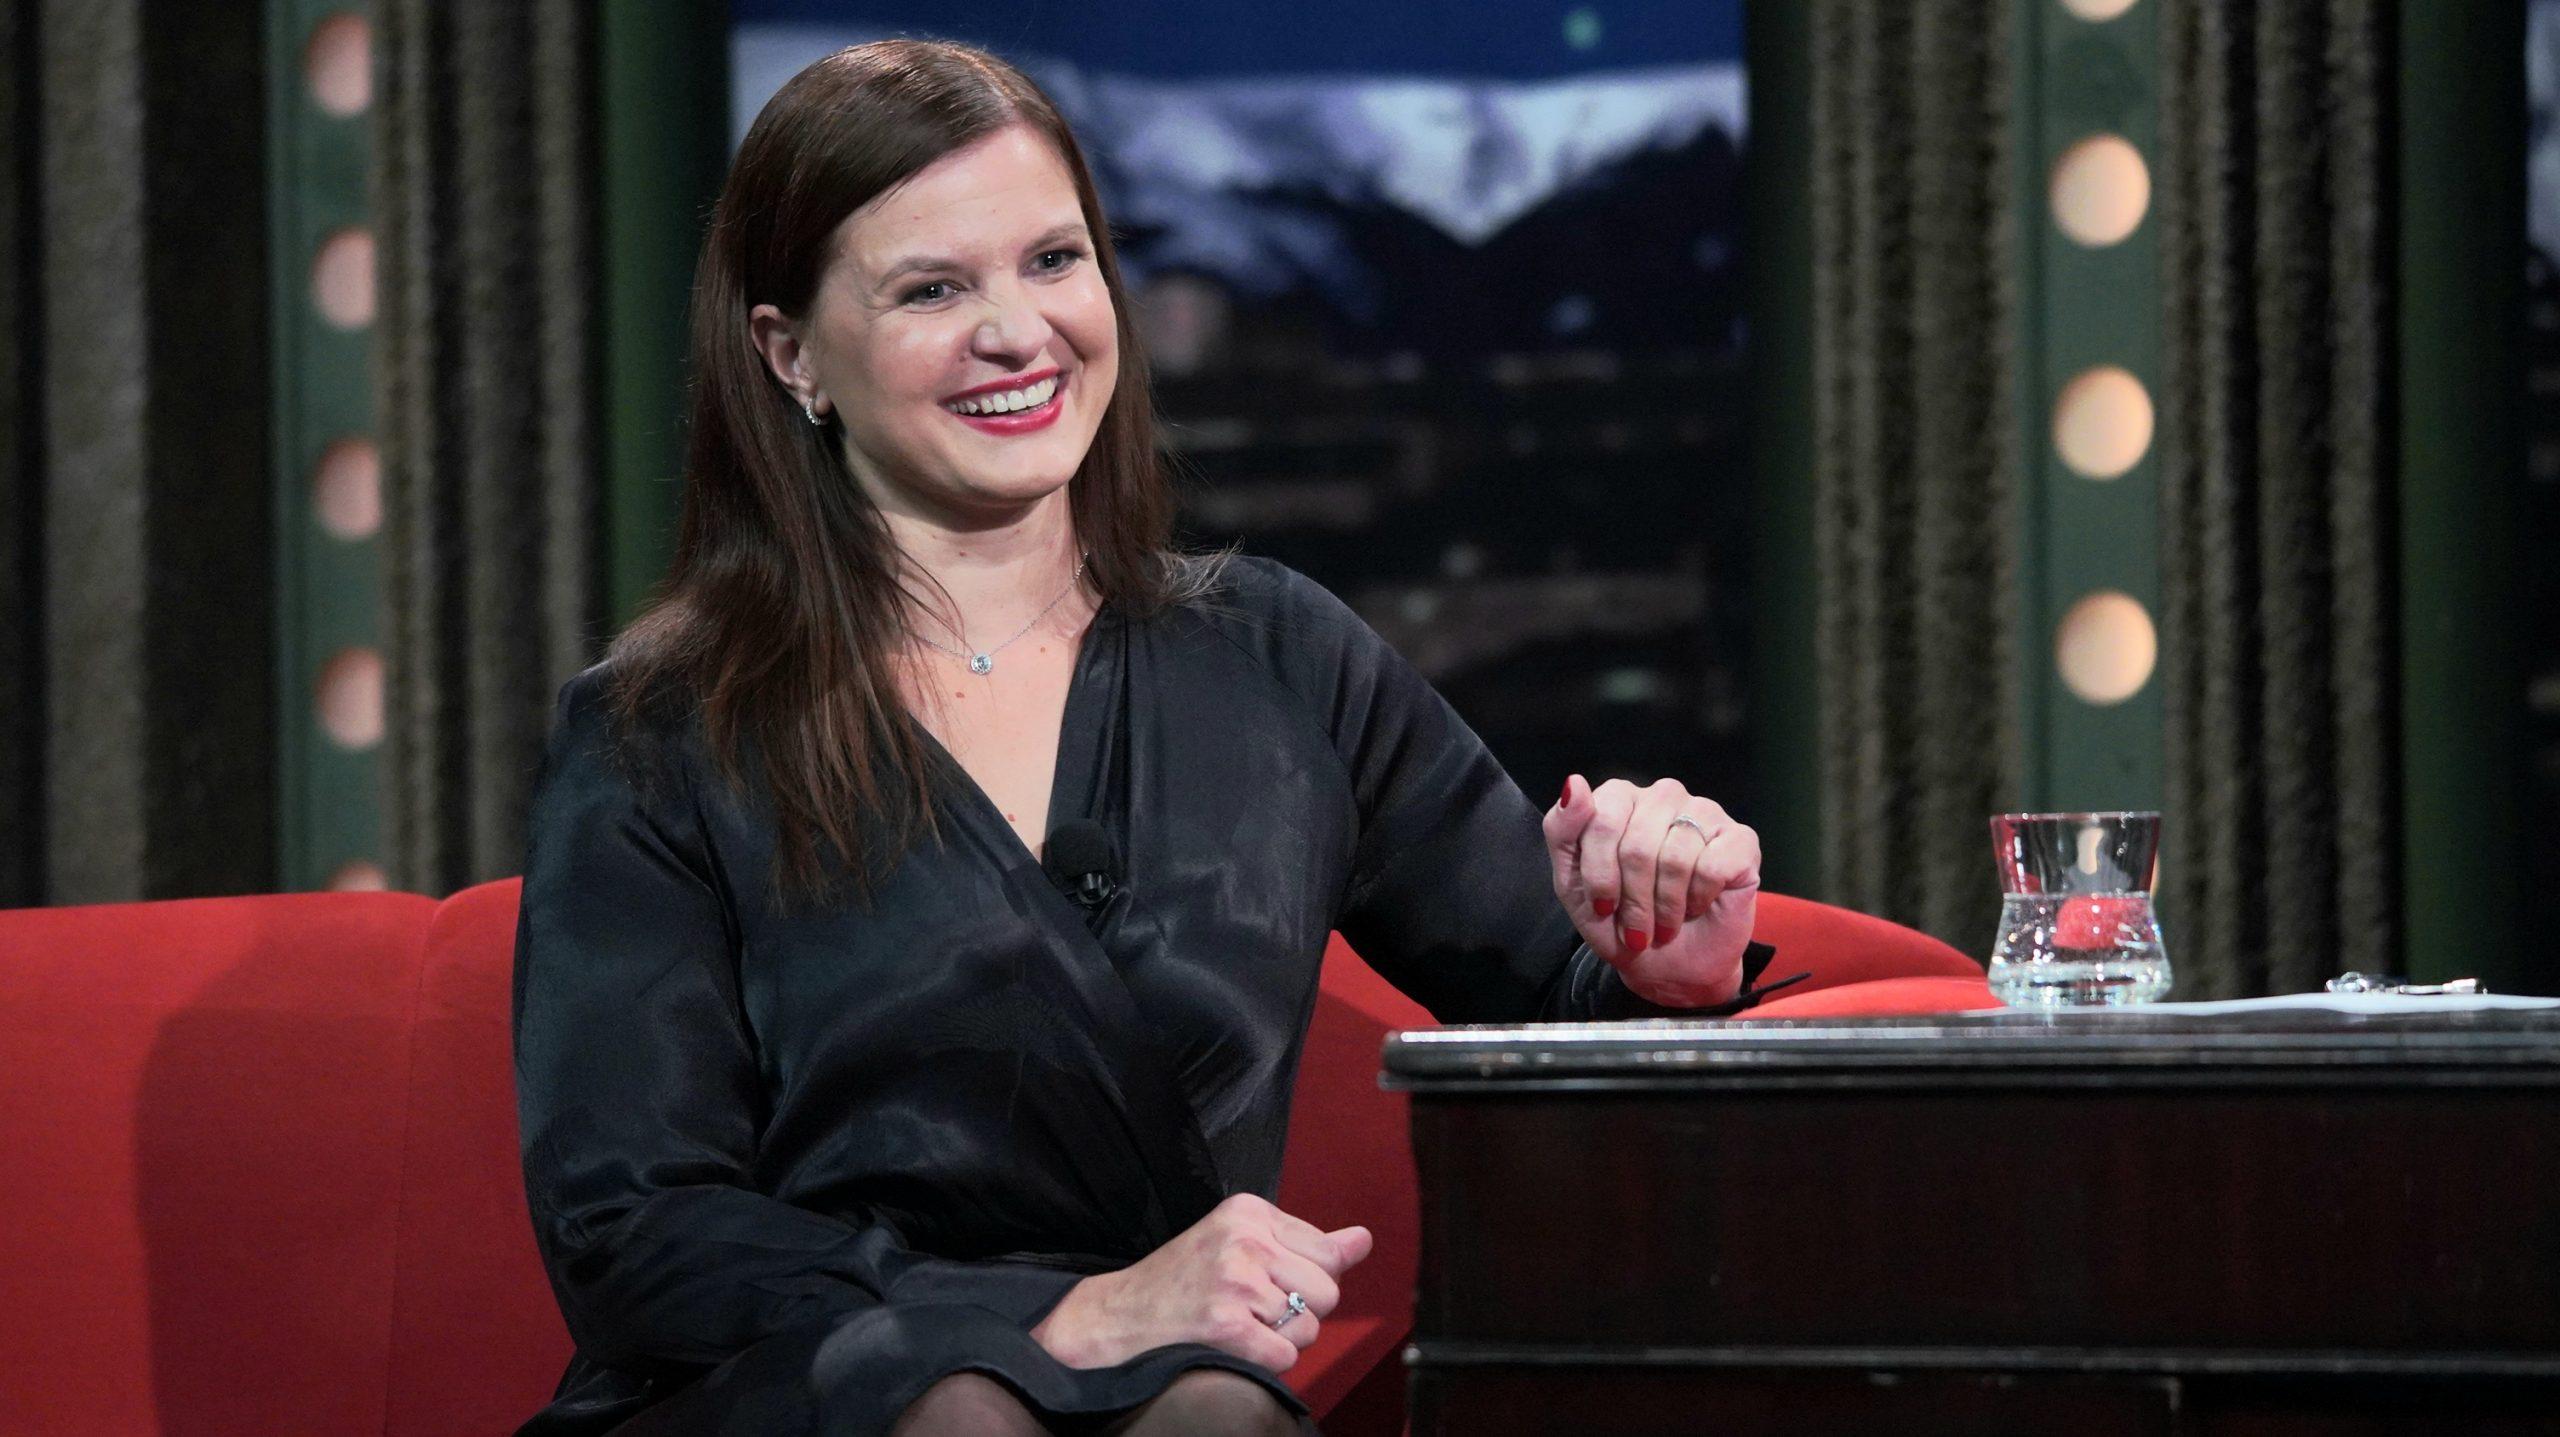 Mluvčí rodiny Gottovy Aneta Stolzová v SJK 13. 10. 2021